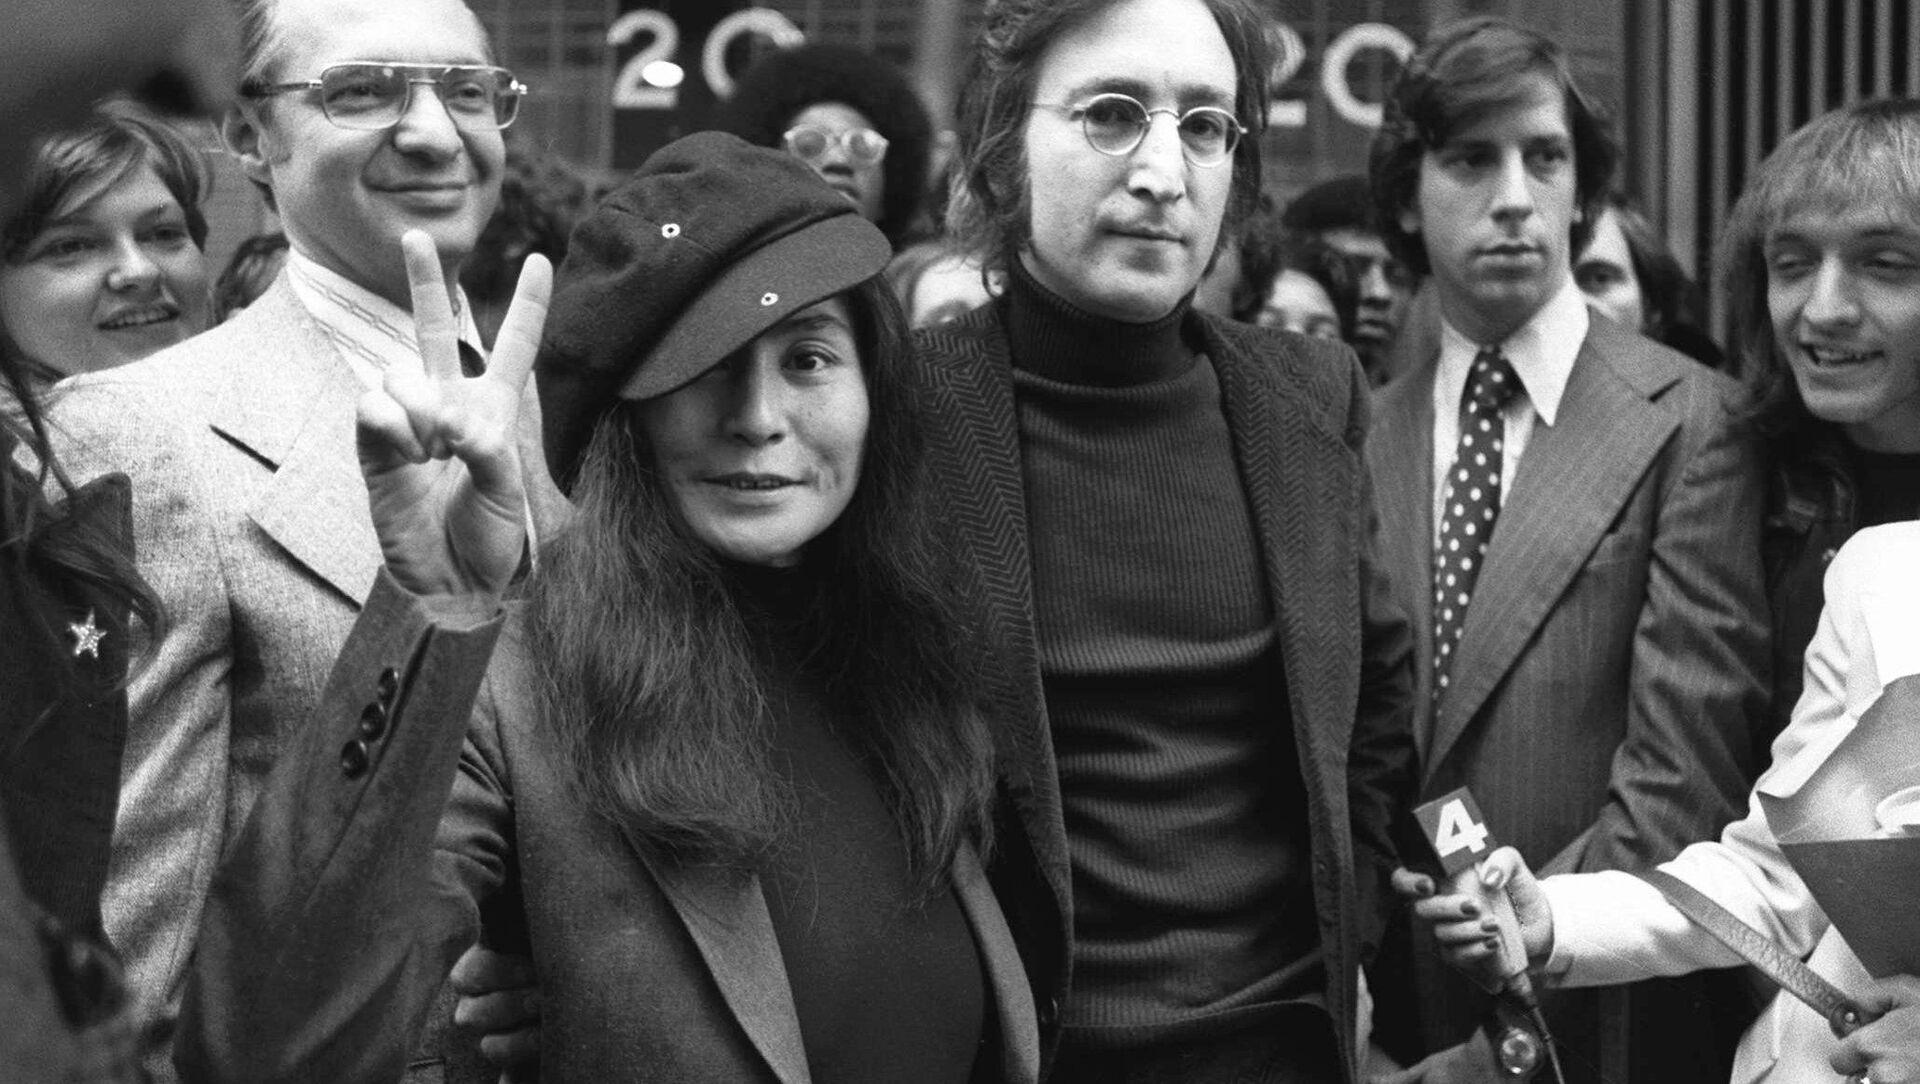 Бывший участник группы The Beatles Джон Леннон с женой Йоко Оно - Sputnik Mundo, 1920, 04.02.2021